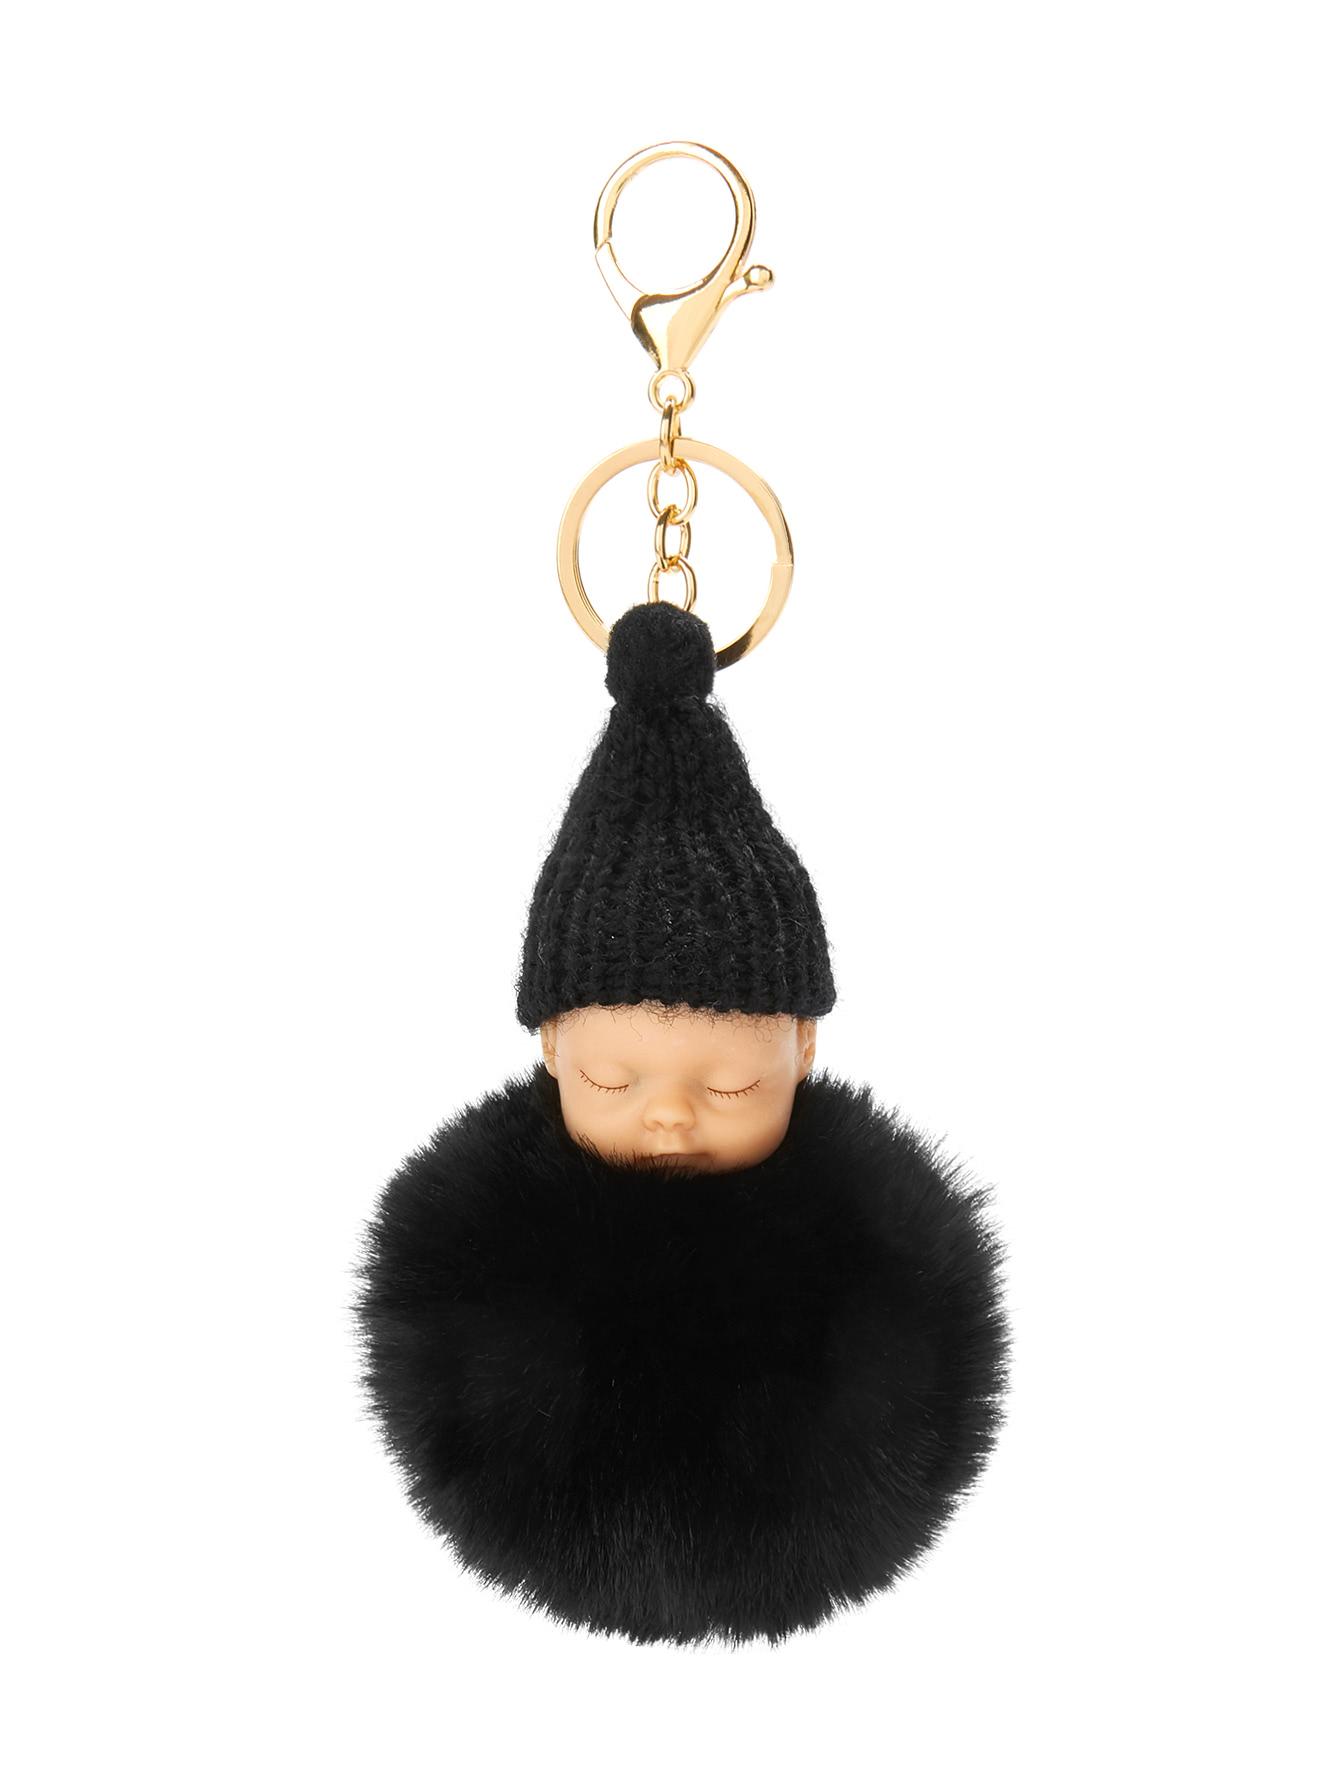 353c91a33f Very Goods | Baby Design Pom Pom Keychain -SheIn(Sheinside)